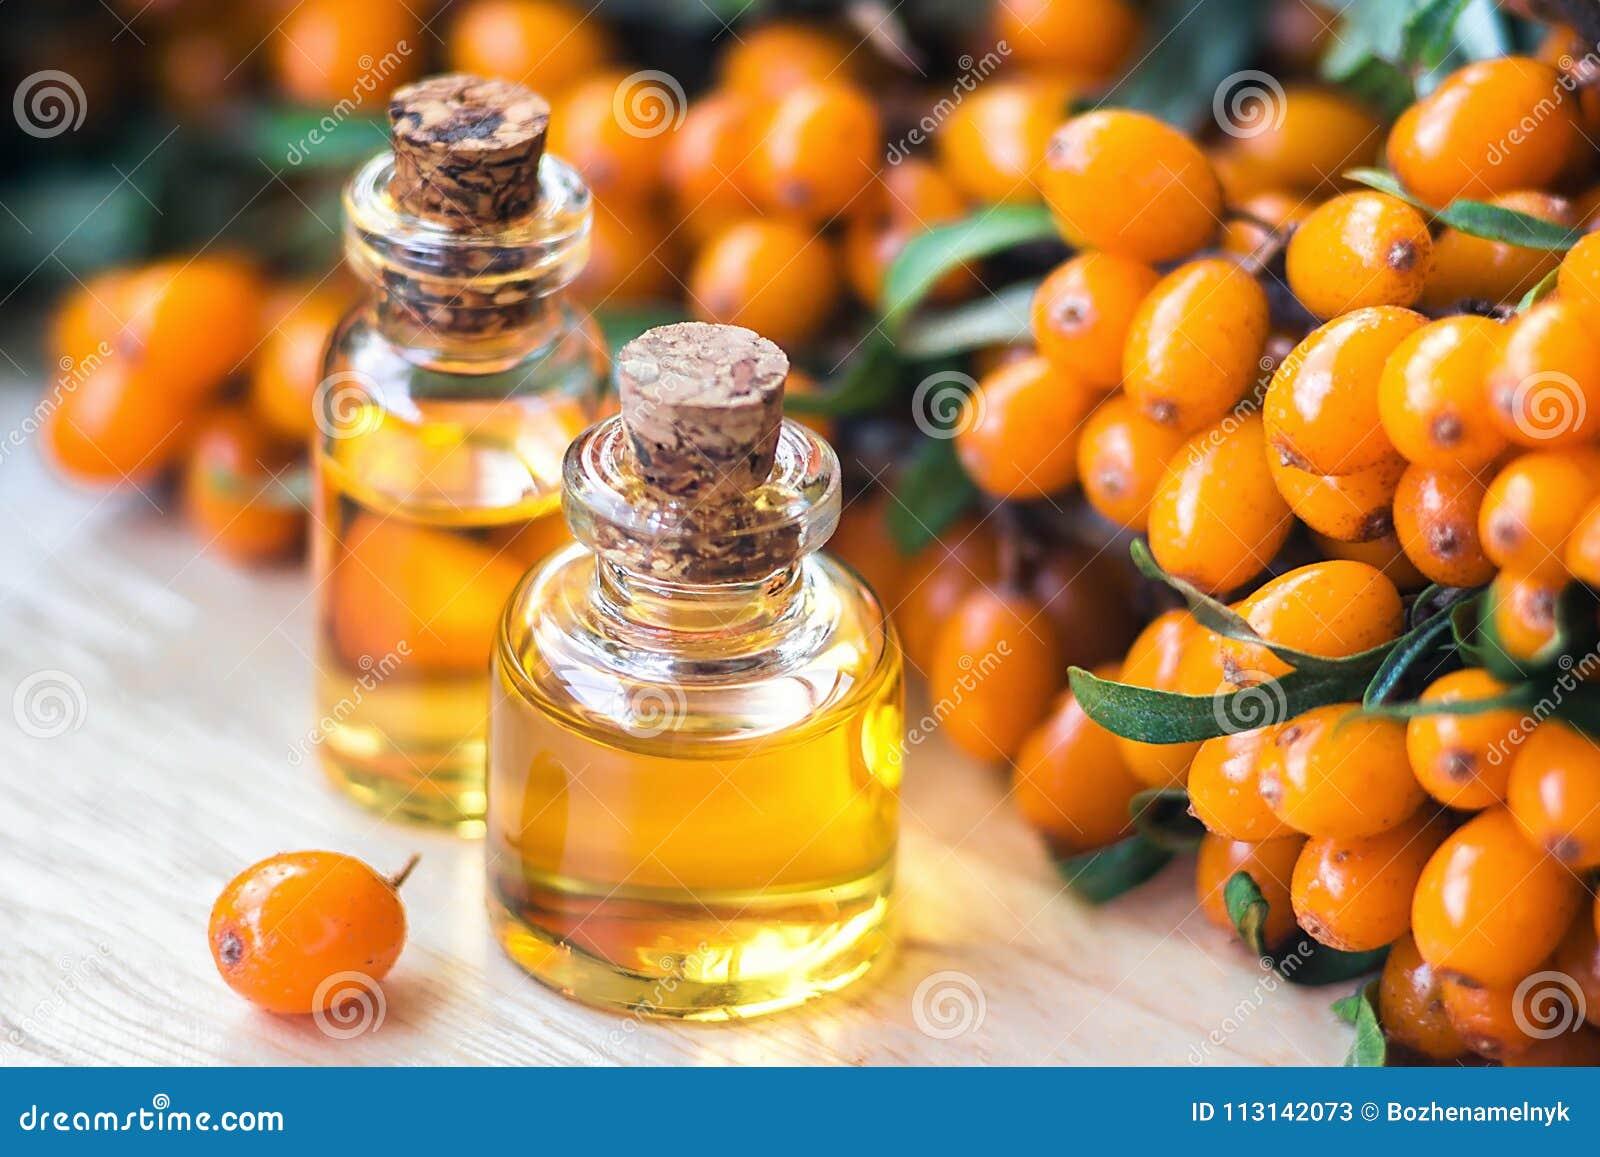 Ουσιαστικό πετρέλαιο της λευκαγκαθιάς Hippophae στο μπουκάλι γυαλιού με τα φρέσκα, juicy ώριμα κίτρινα μούρα στον κλάδο με το πρά